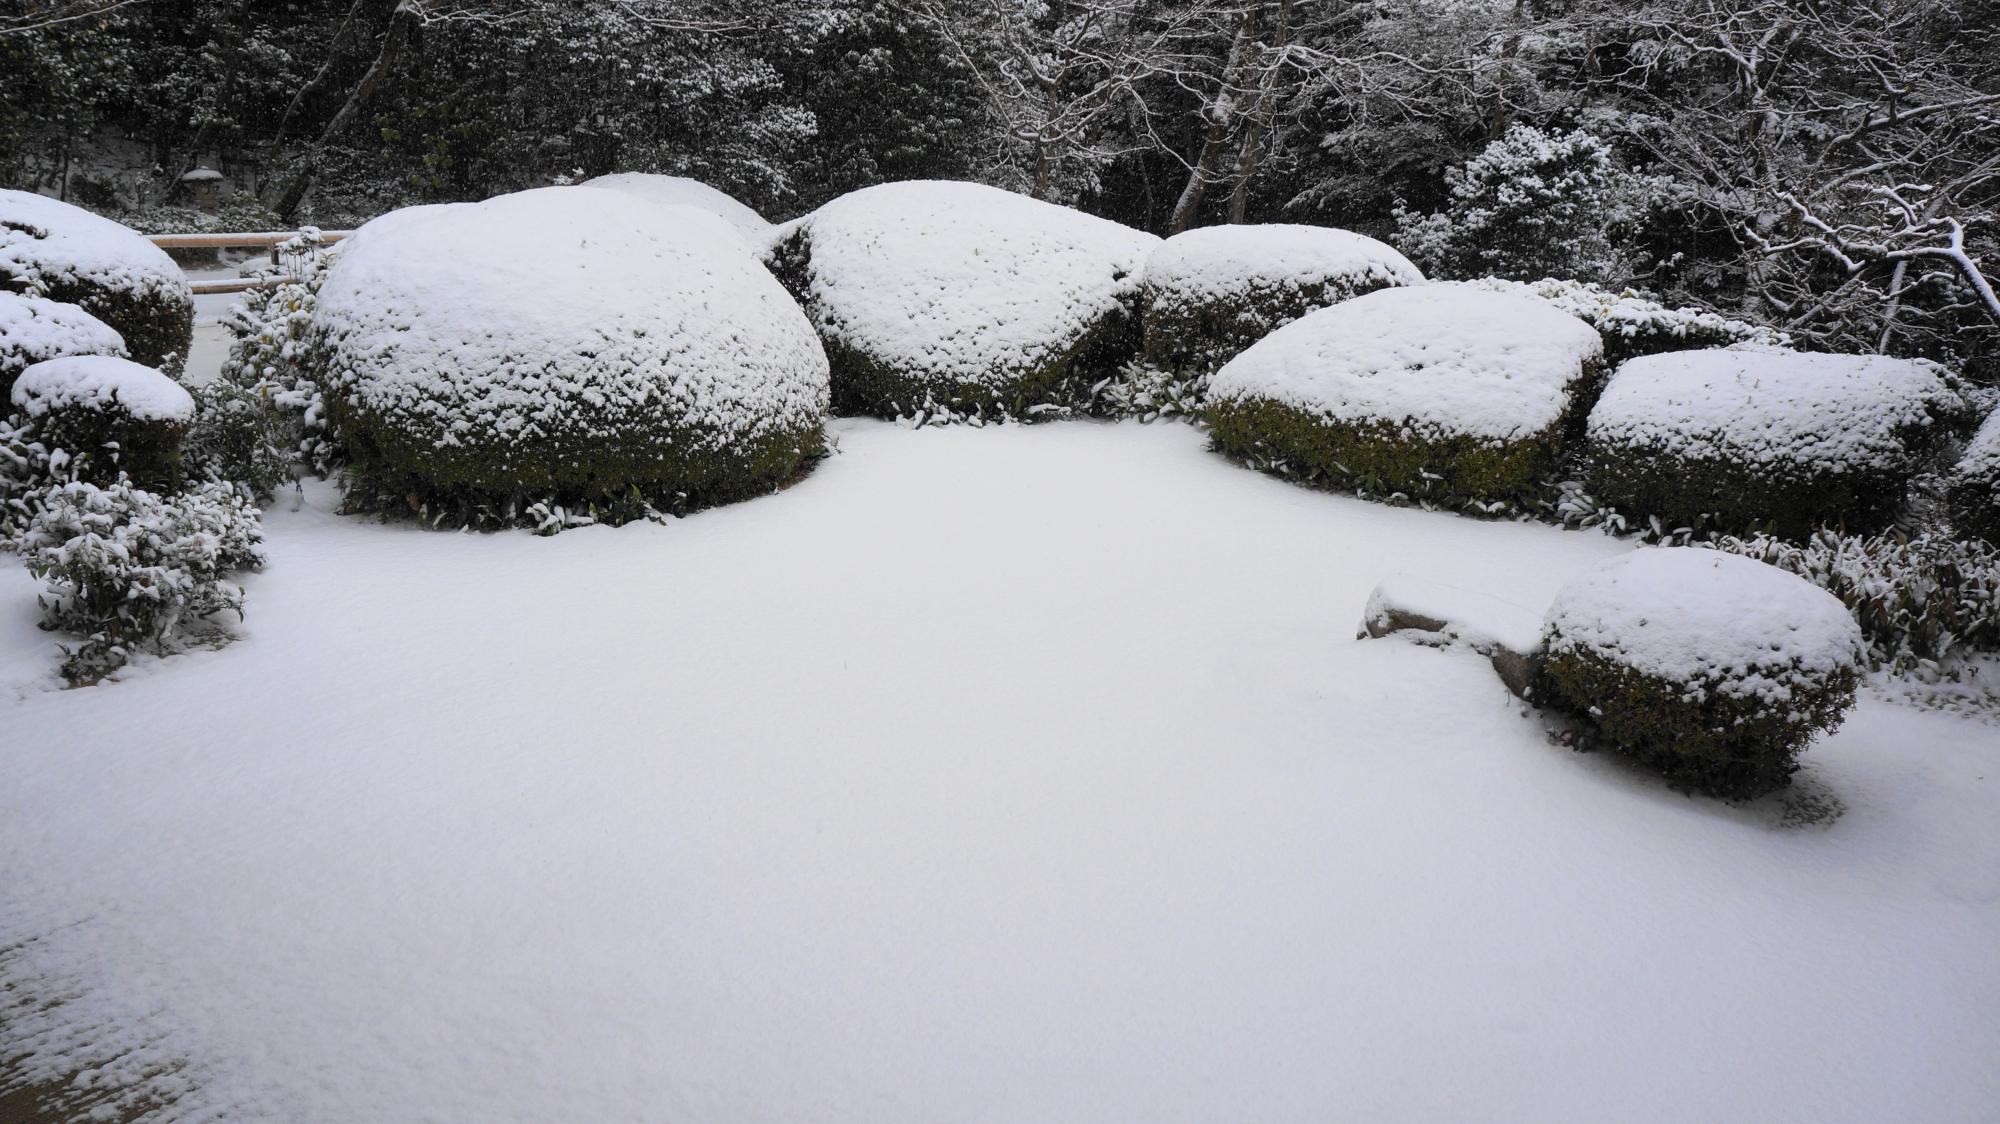 詩仙堂のサツキと白砂の書院前庭園の雪景色